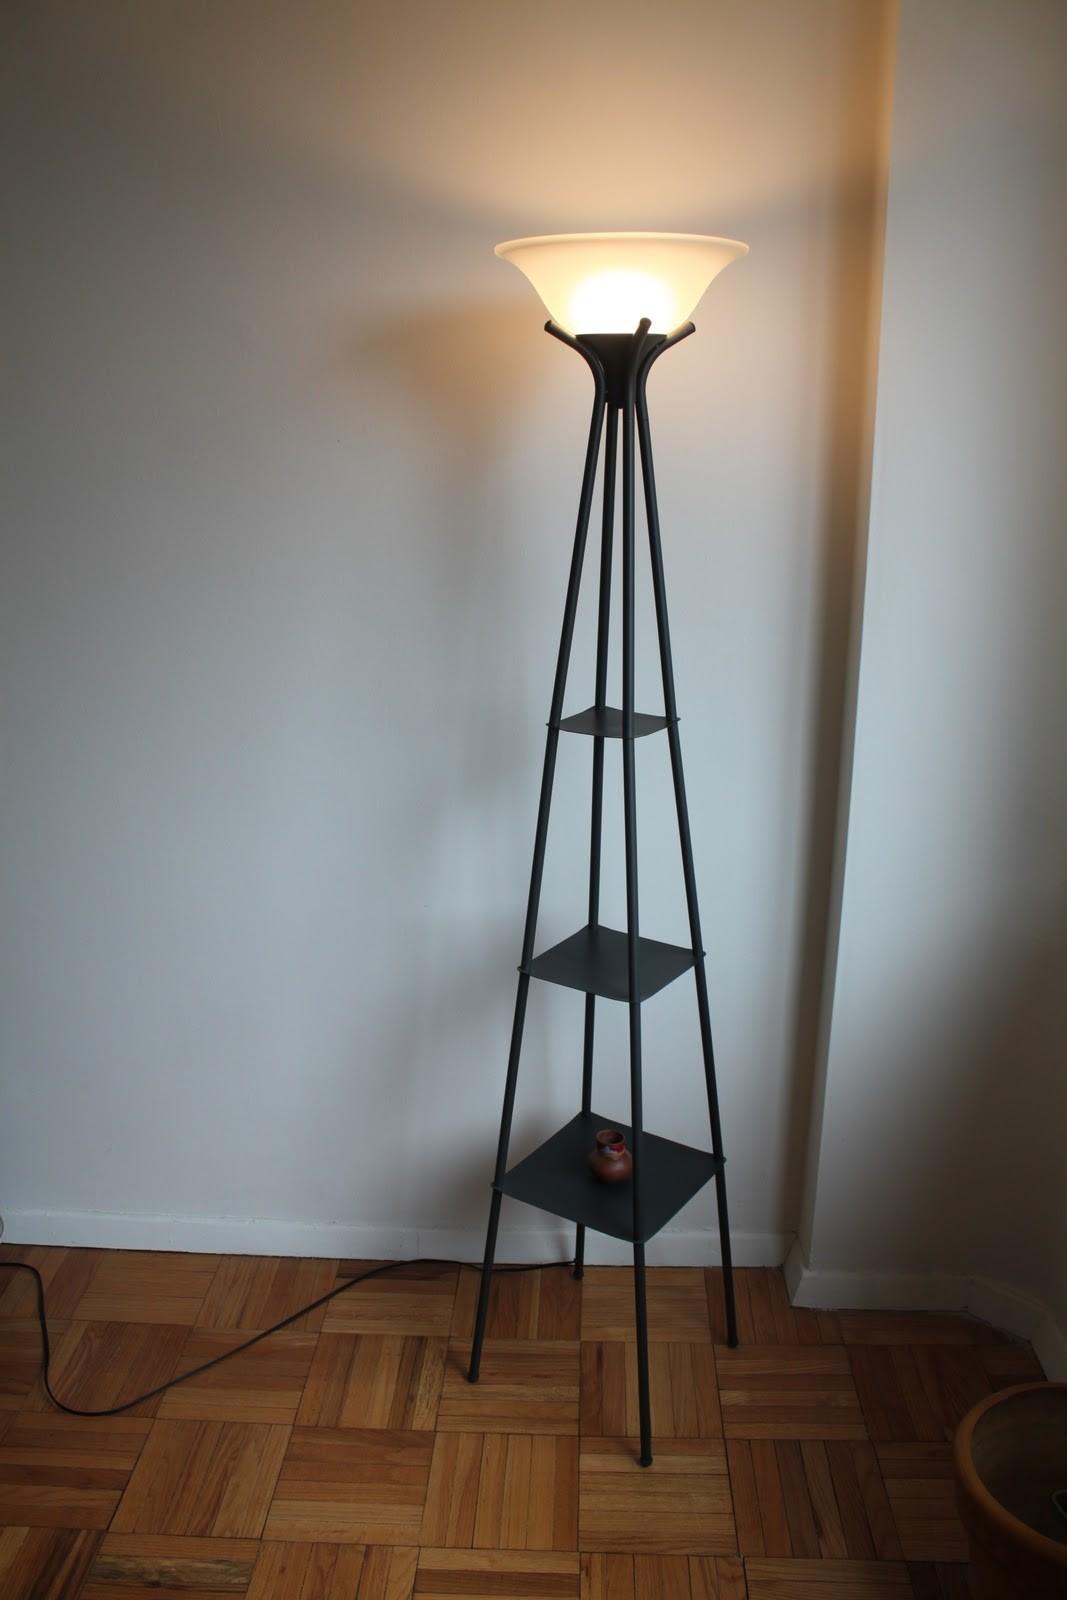 Ideas Foter Floor Lamp With Shelves On n0OwPk